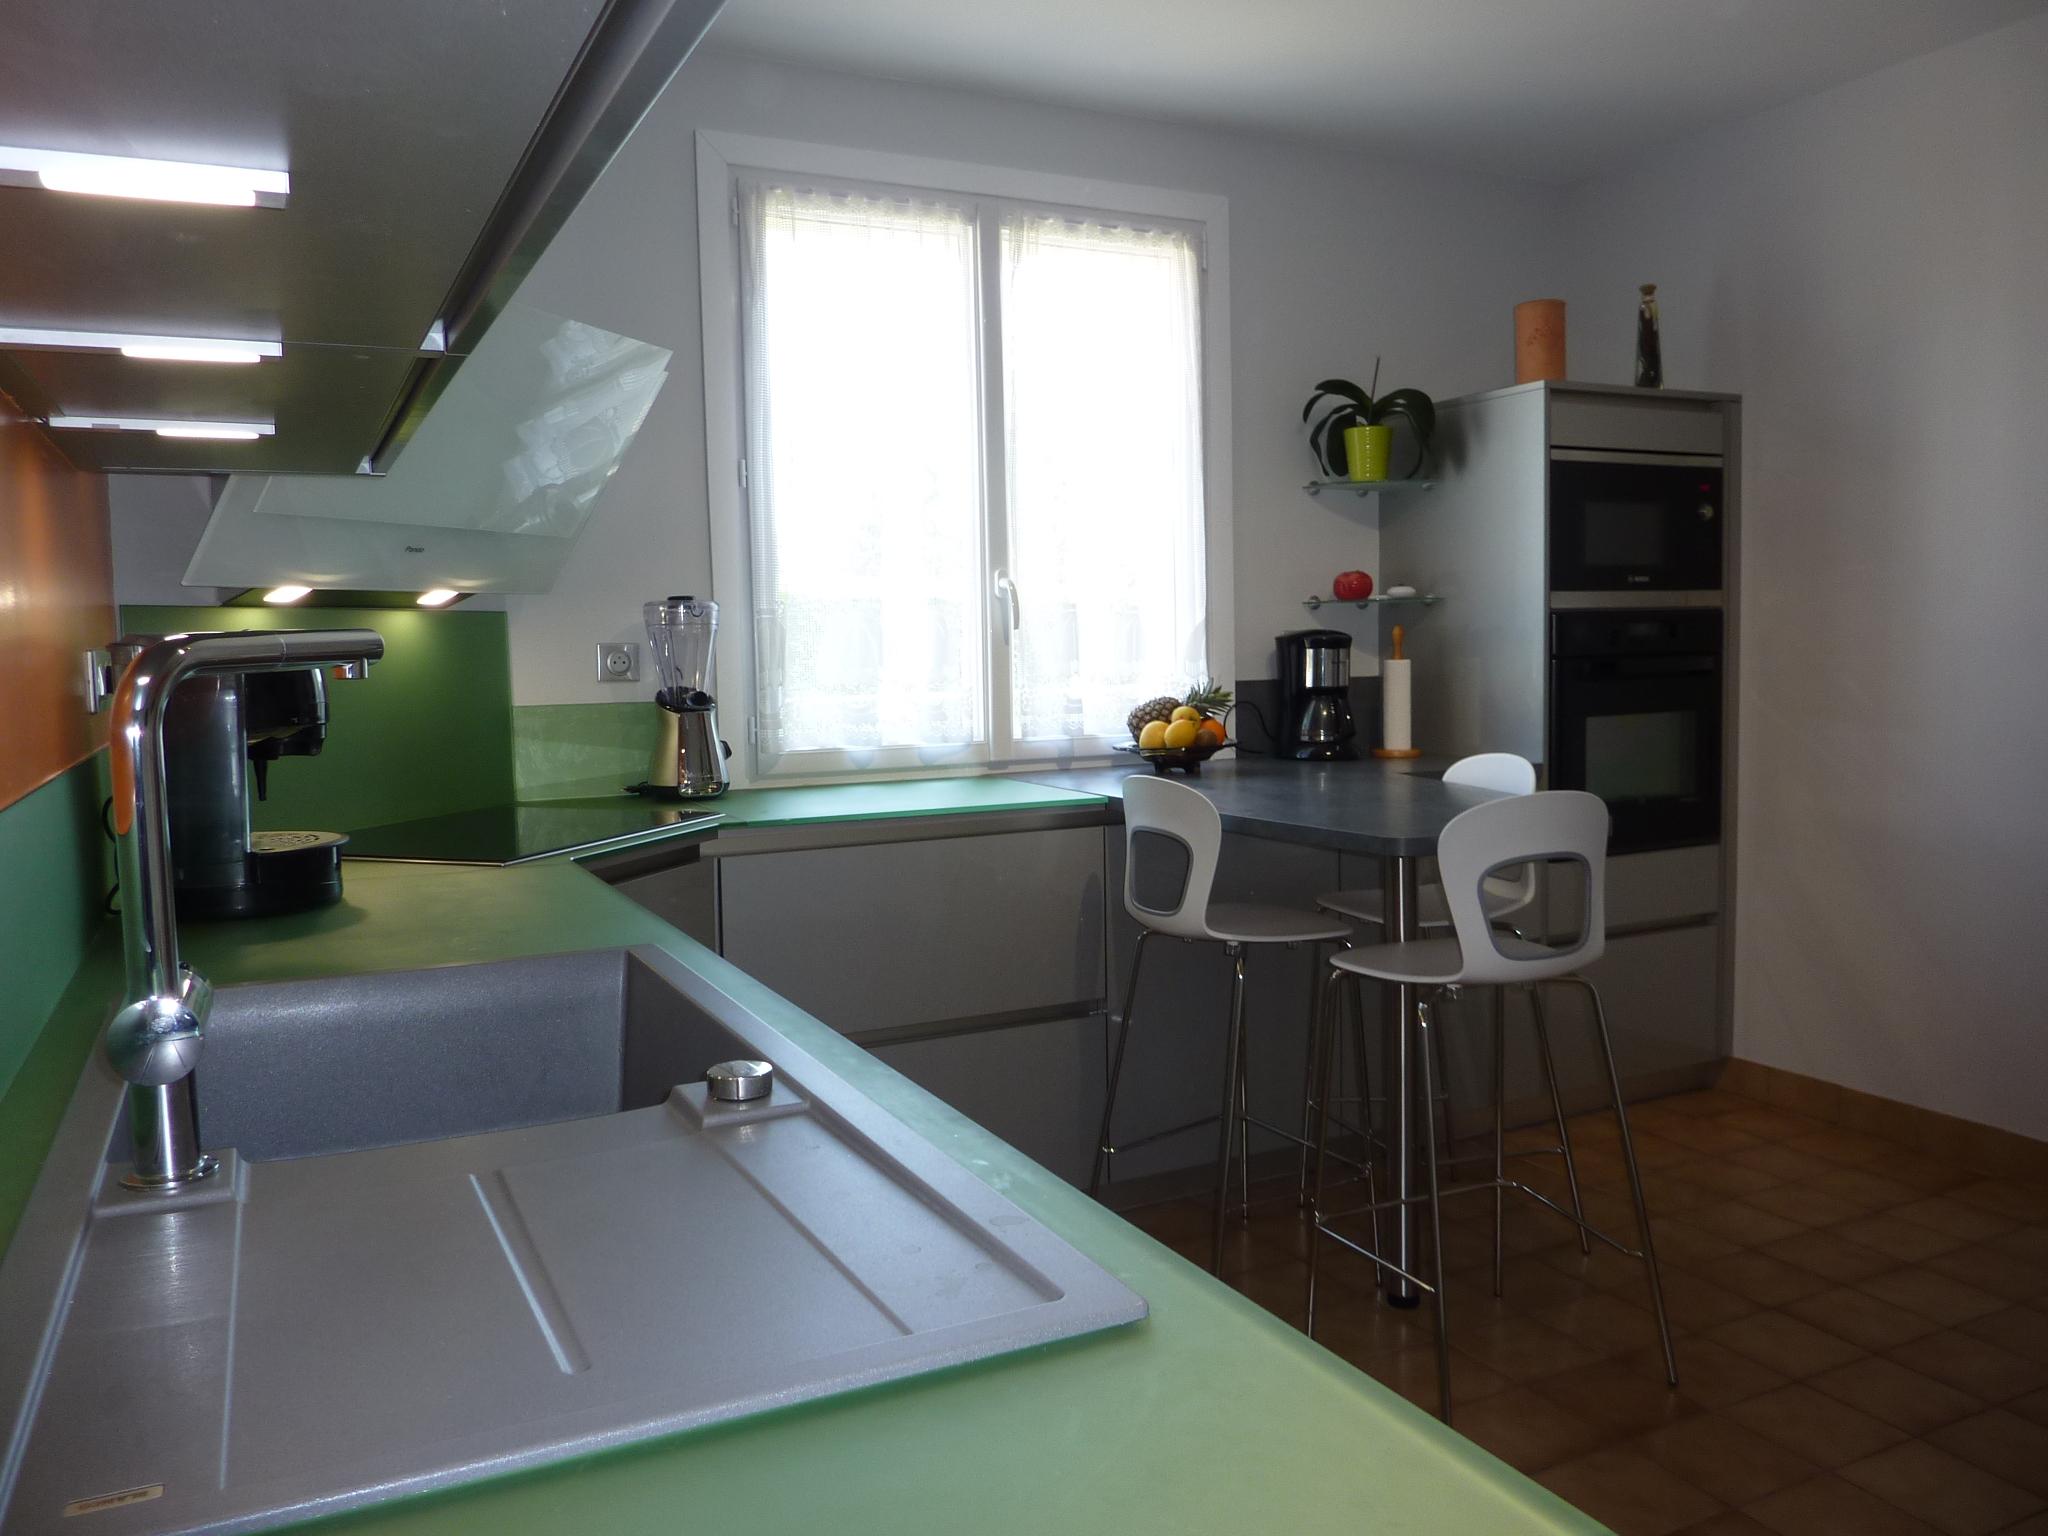 Credence Verre Ilot Central la cuisine de la semaine: du verre et du mélaminé brillant